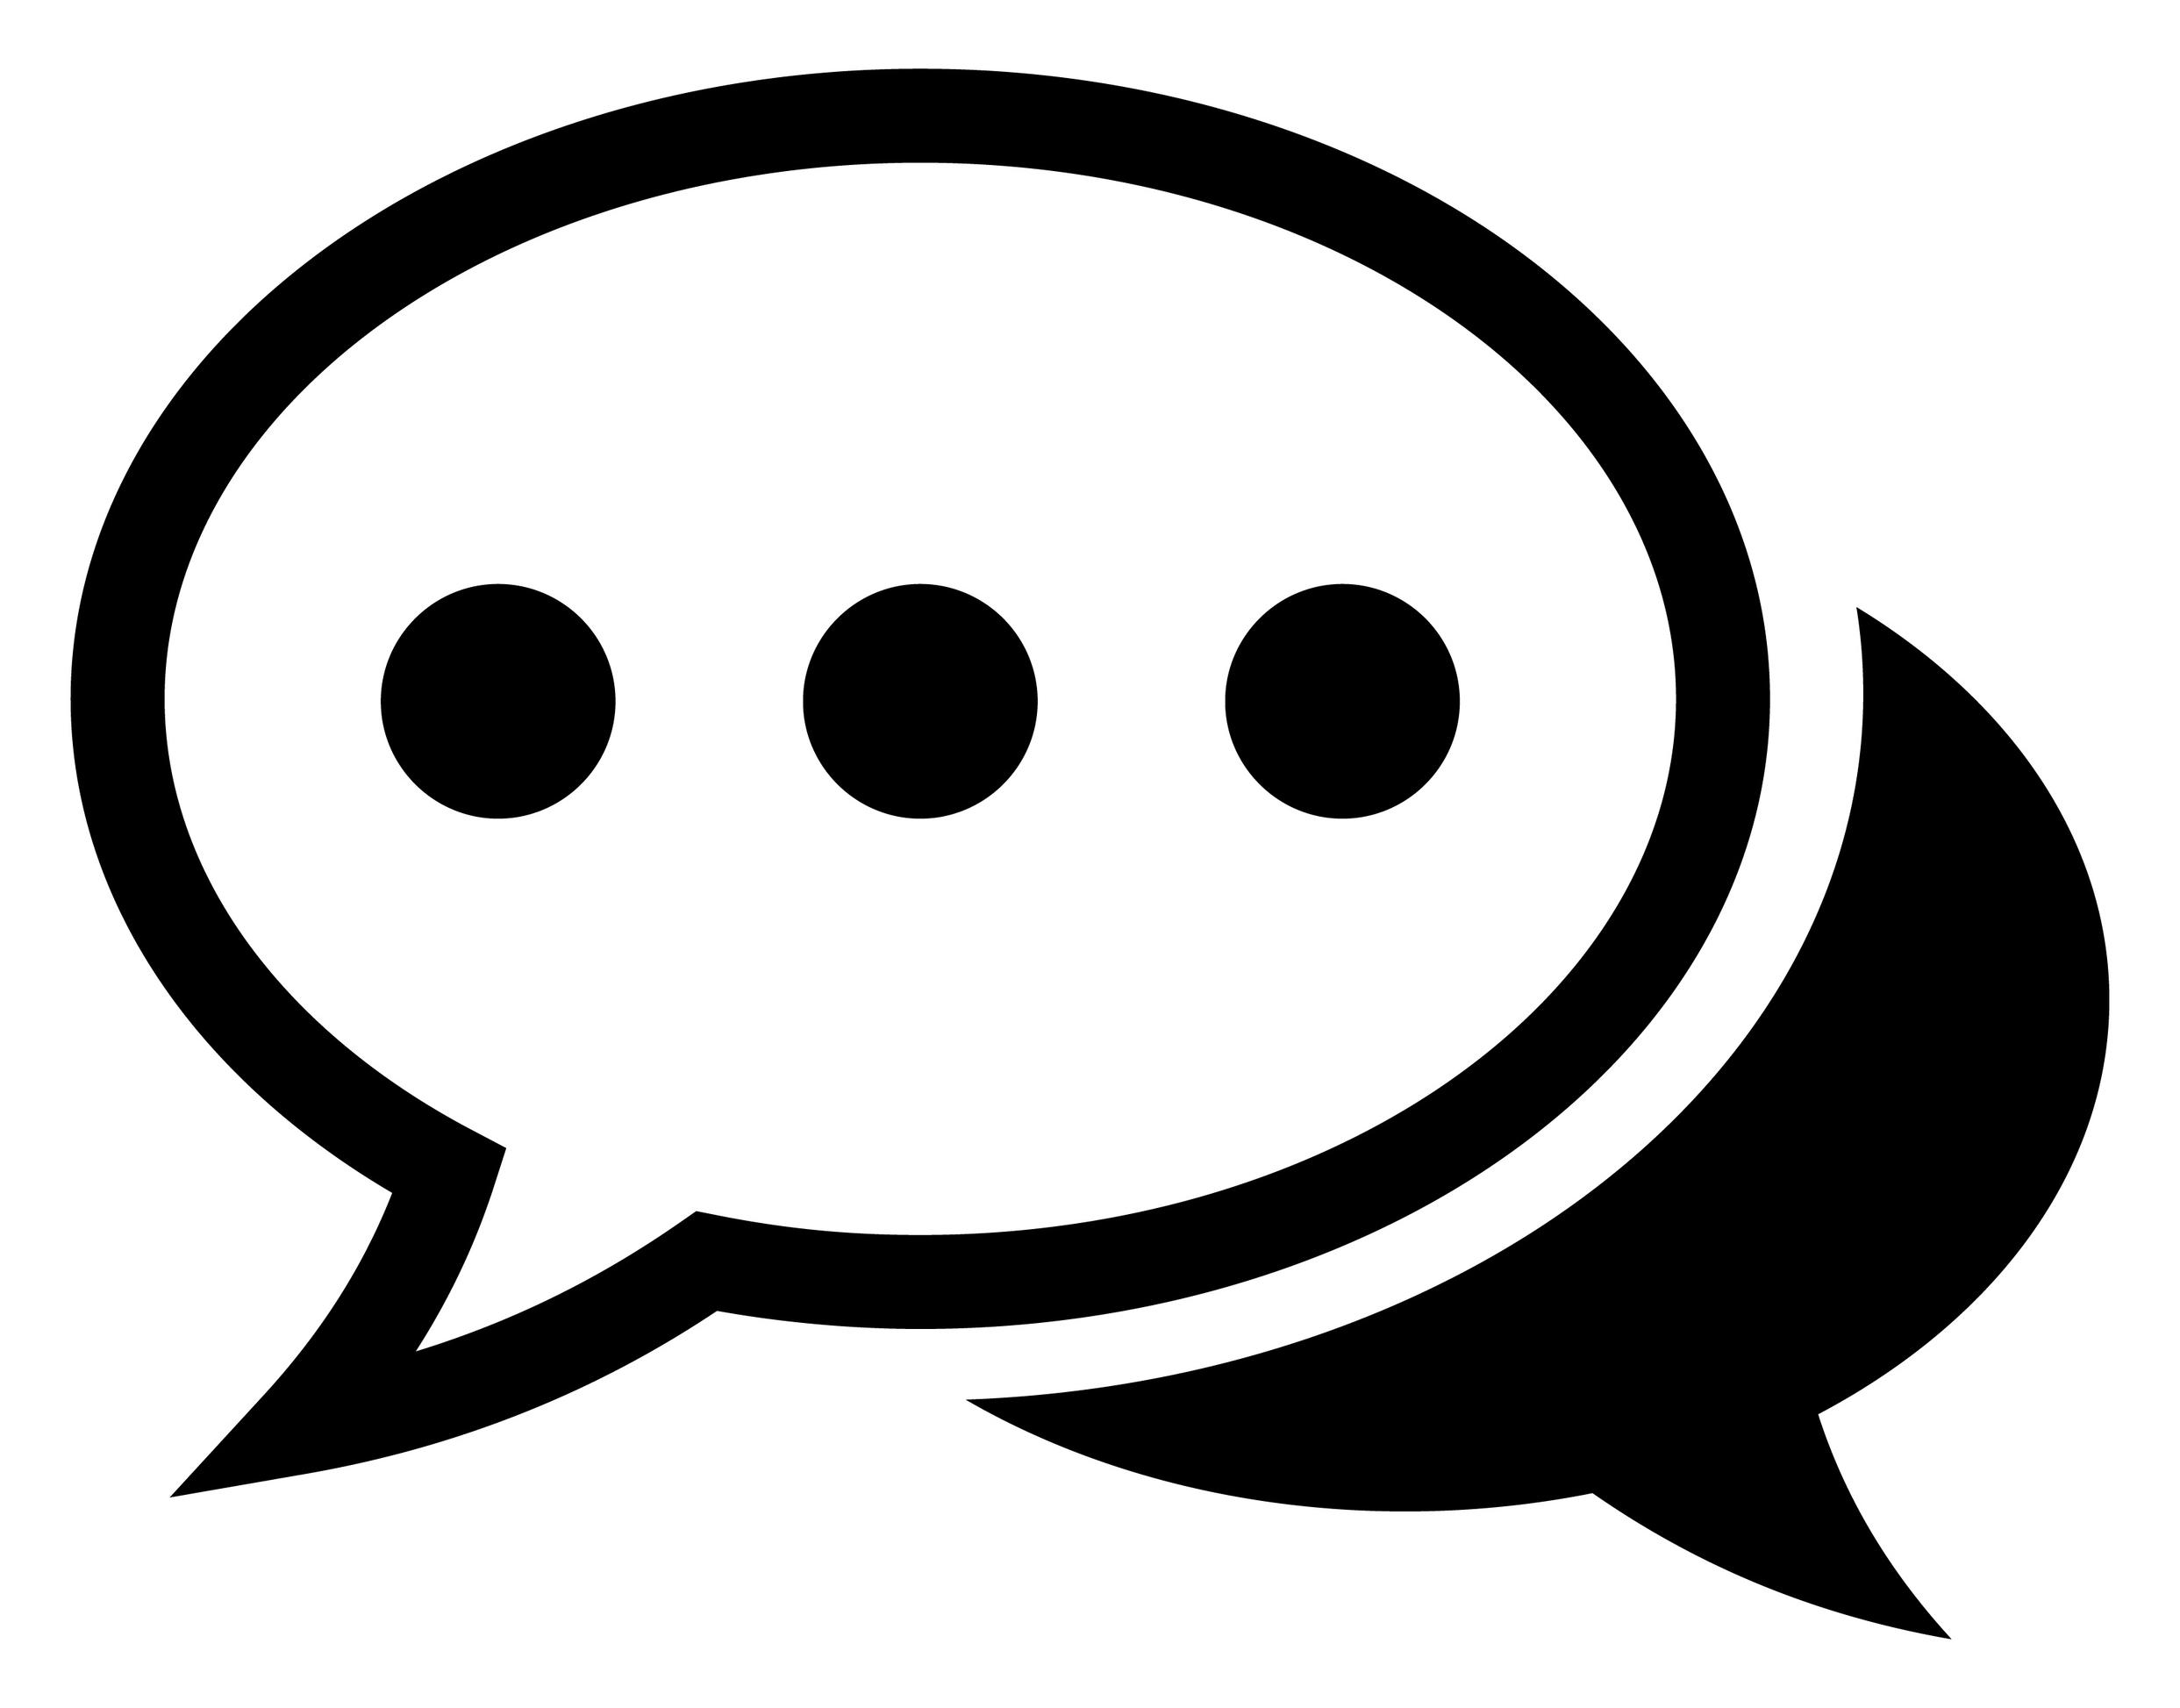 Sprechblasen als Symbol für Referenz Zitate